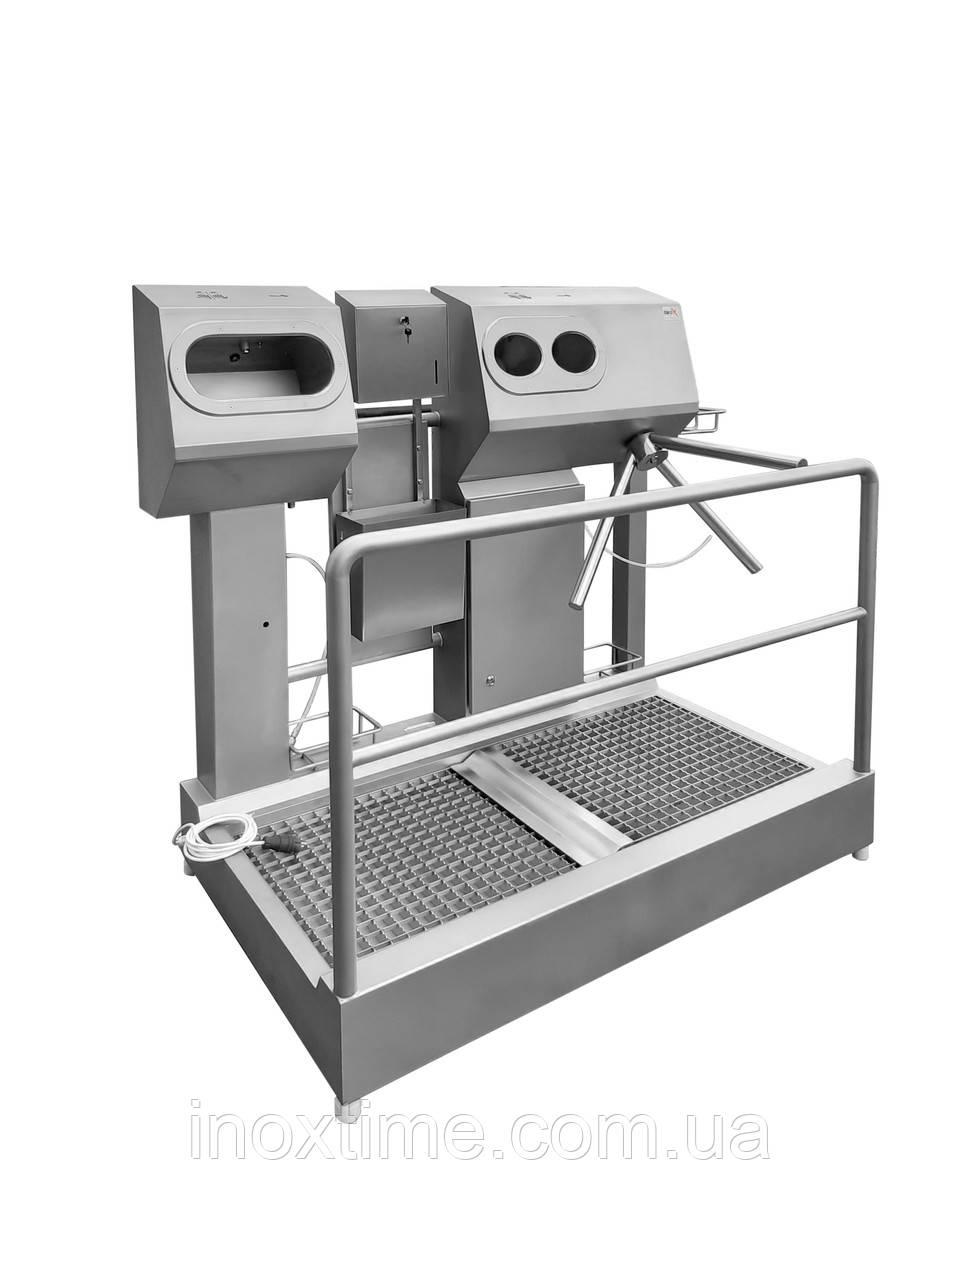 Санпропускник з вбудованим безконтактним умивальником і зоною для сушіння рук SPG 1110 D L